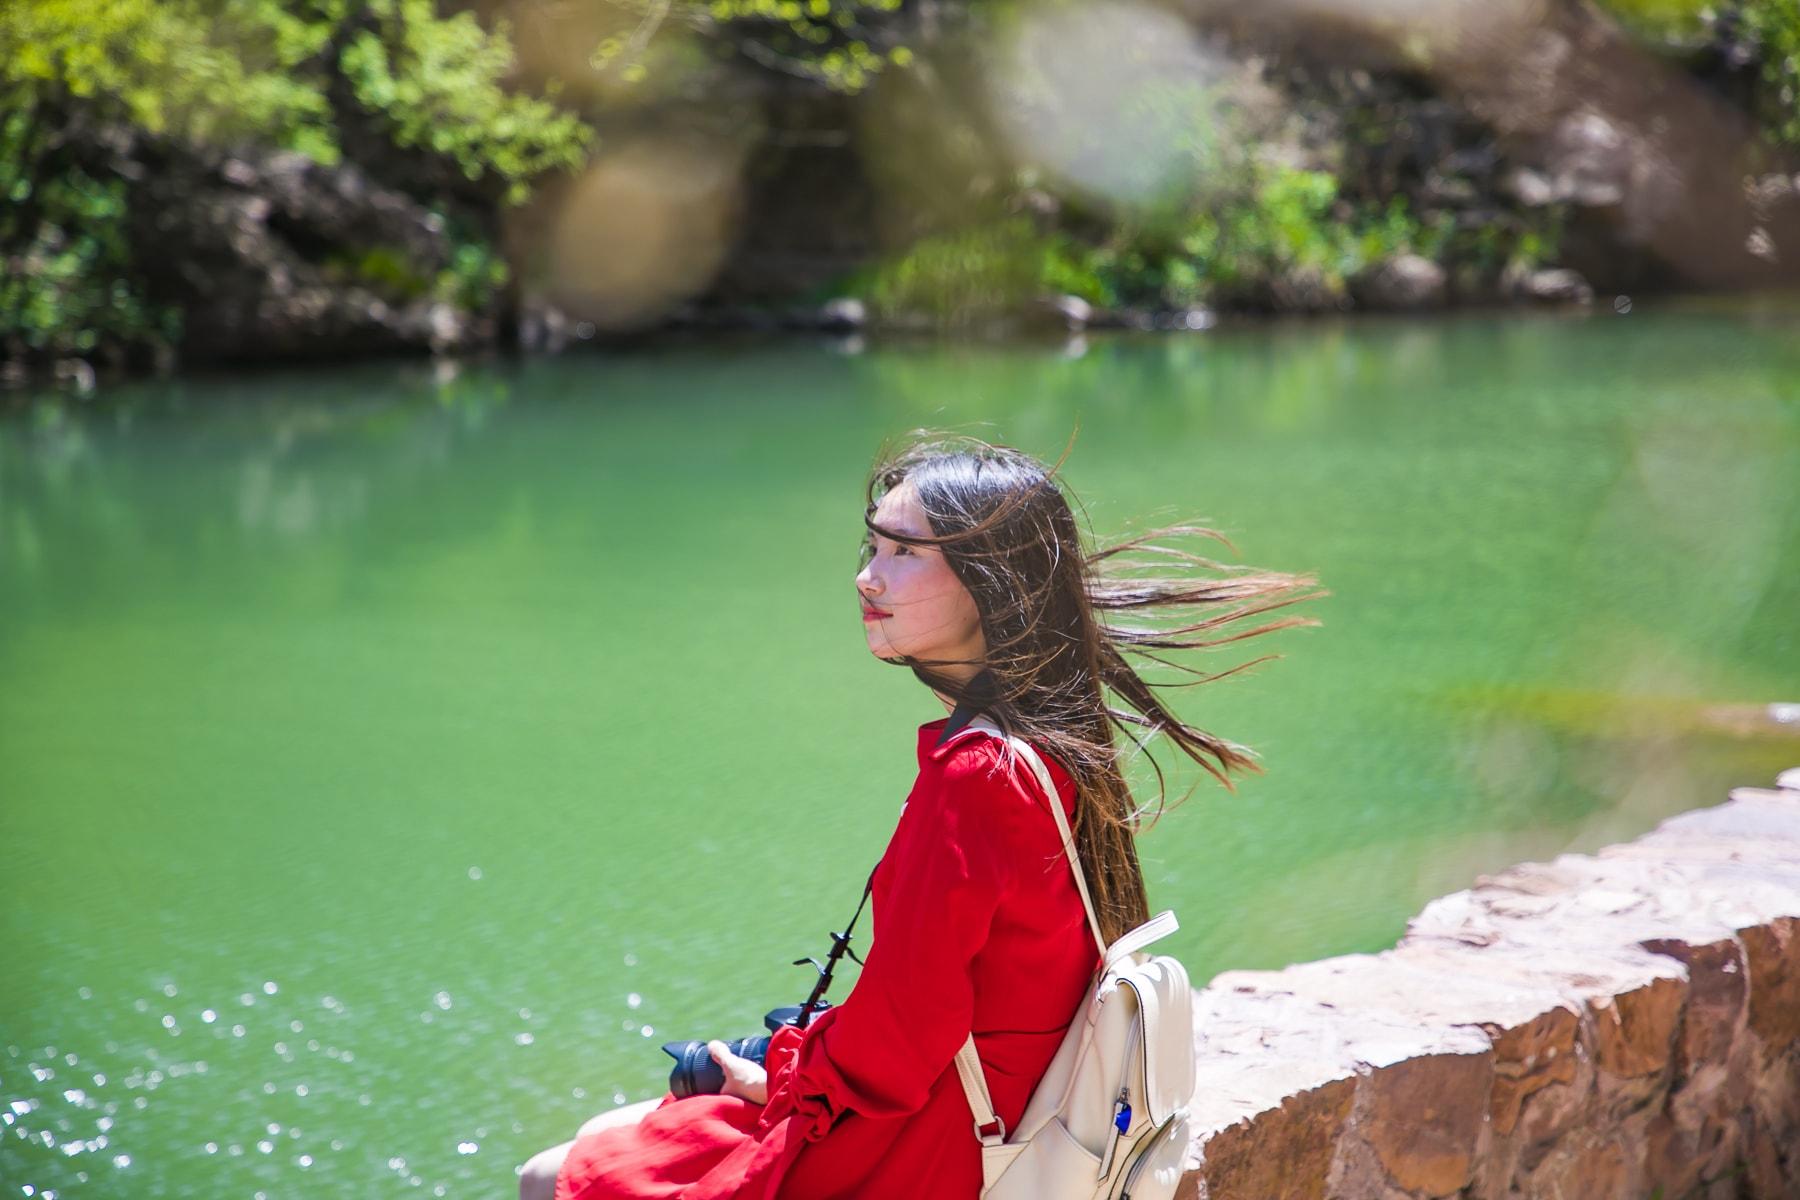 河南有一处山水画廊仙境,丹霞地貌堪称中原一绝,知道的人不多